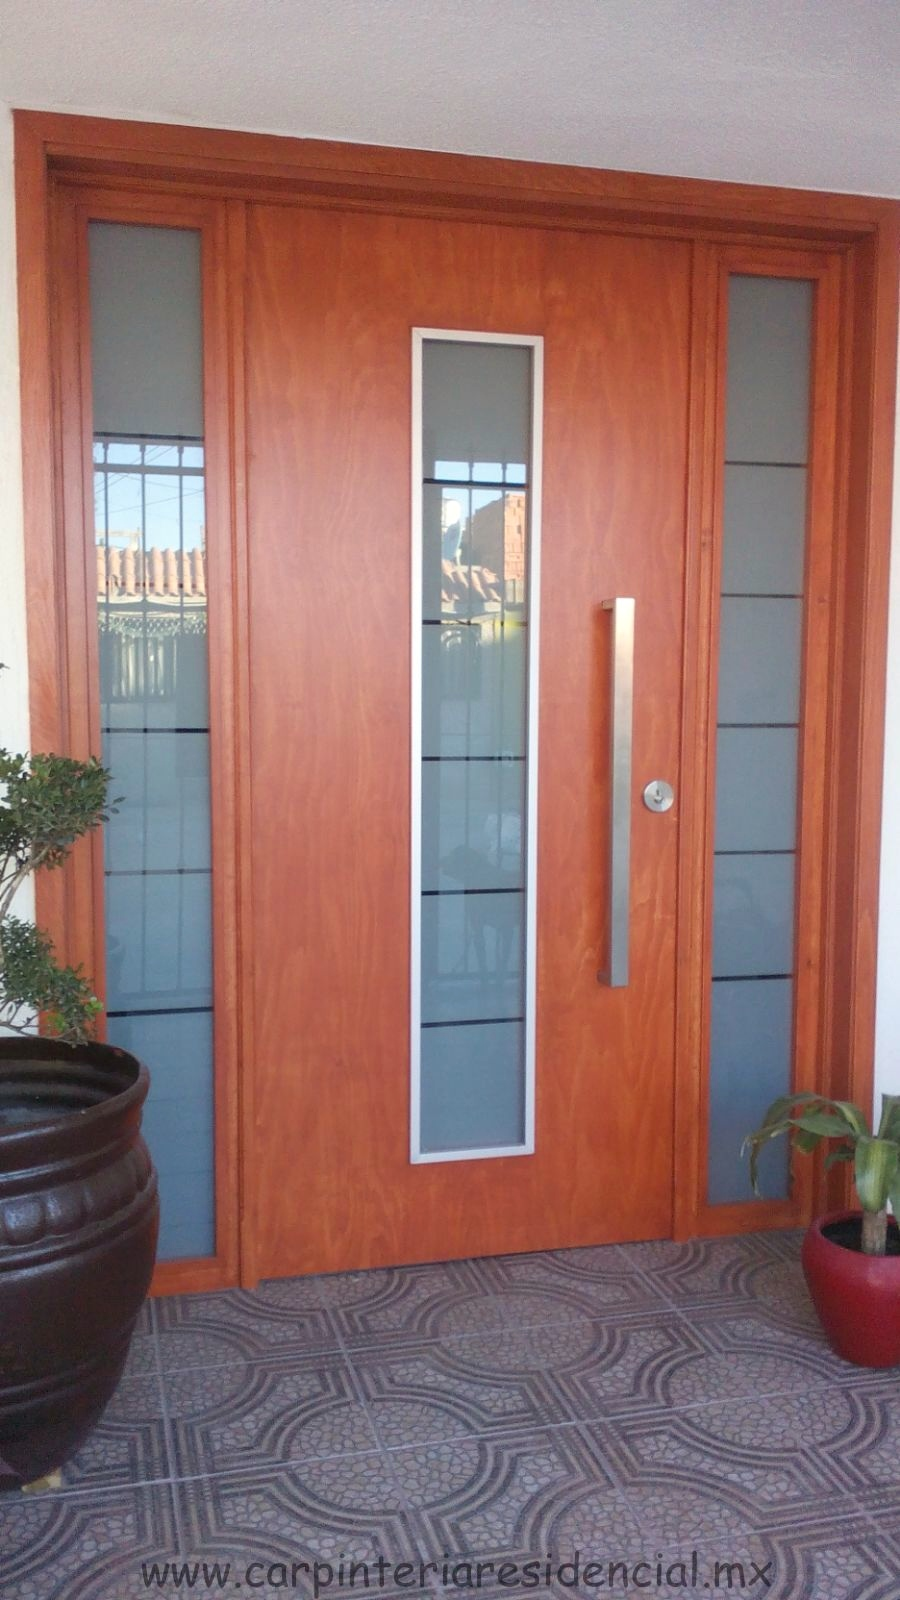 Trabajos recientes carpinteria residencial slp for Puertas de madera maciza exterior